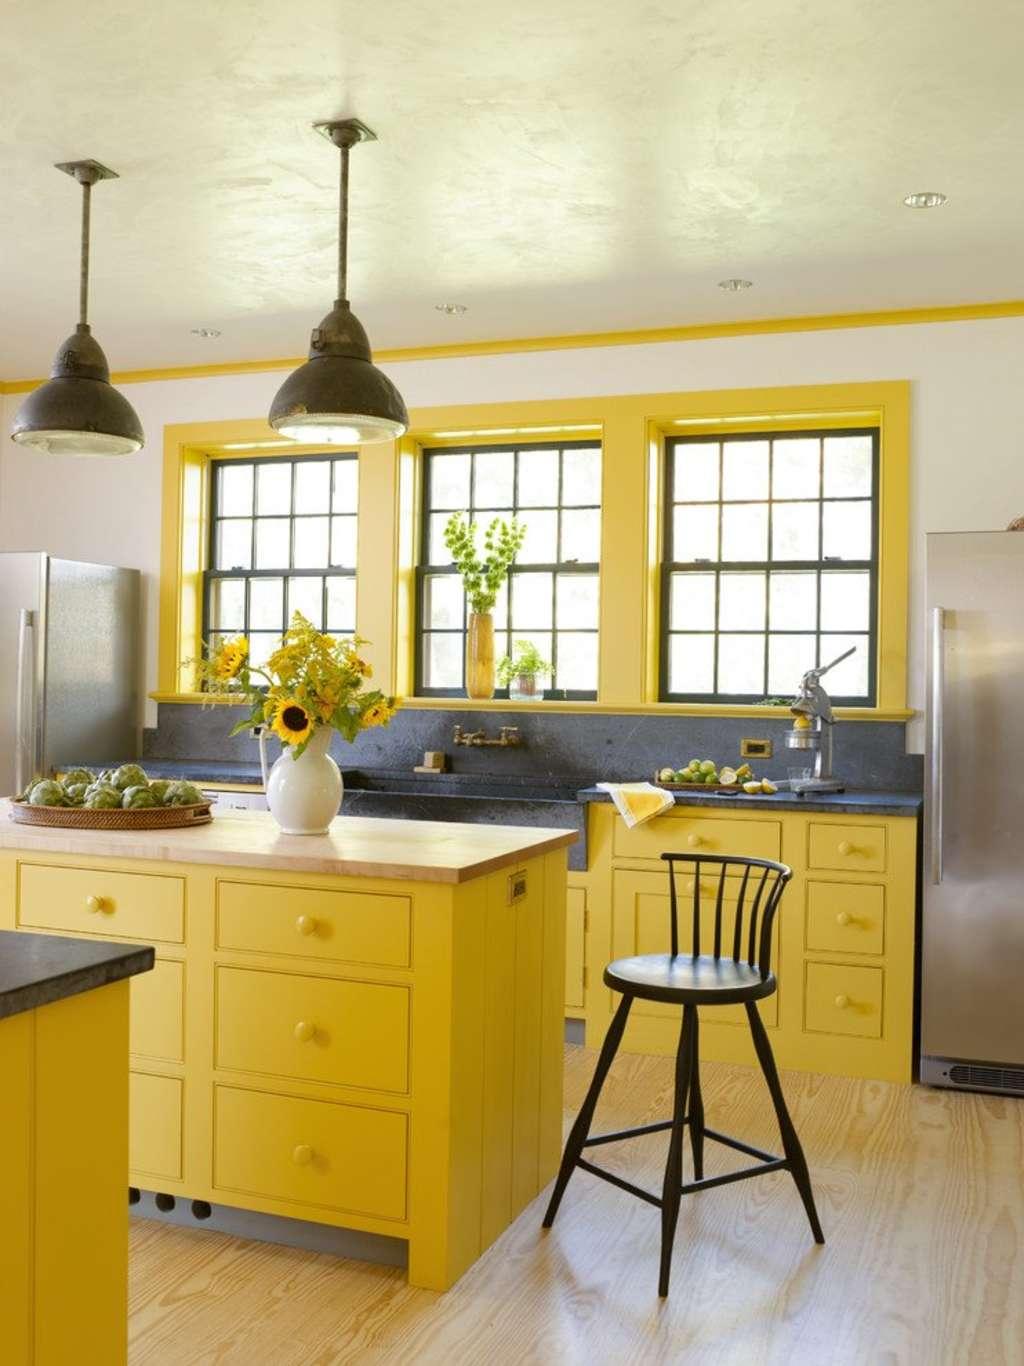 10 Bright, Cheery Yellow Kitchens | Kitchn